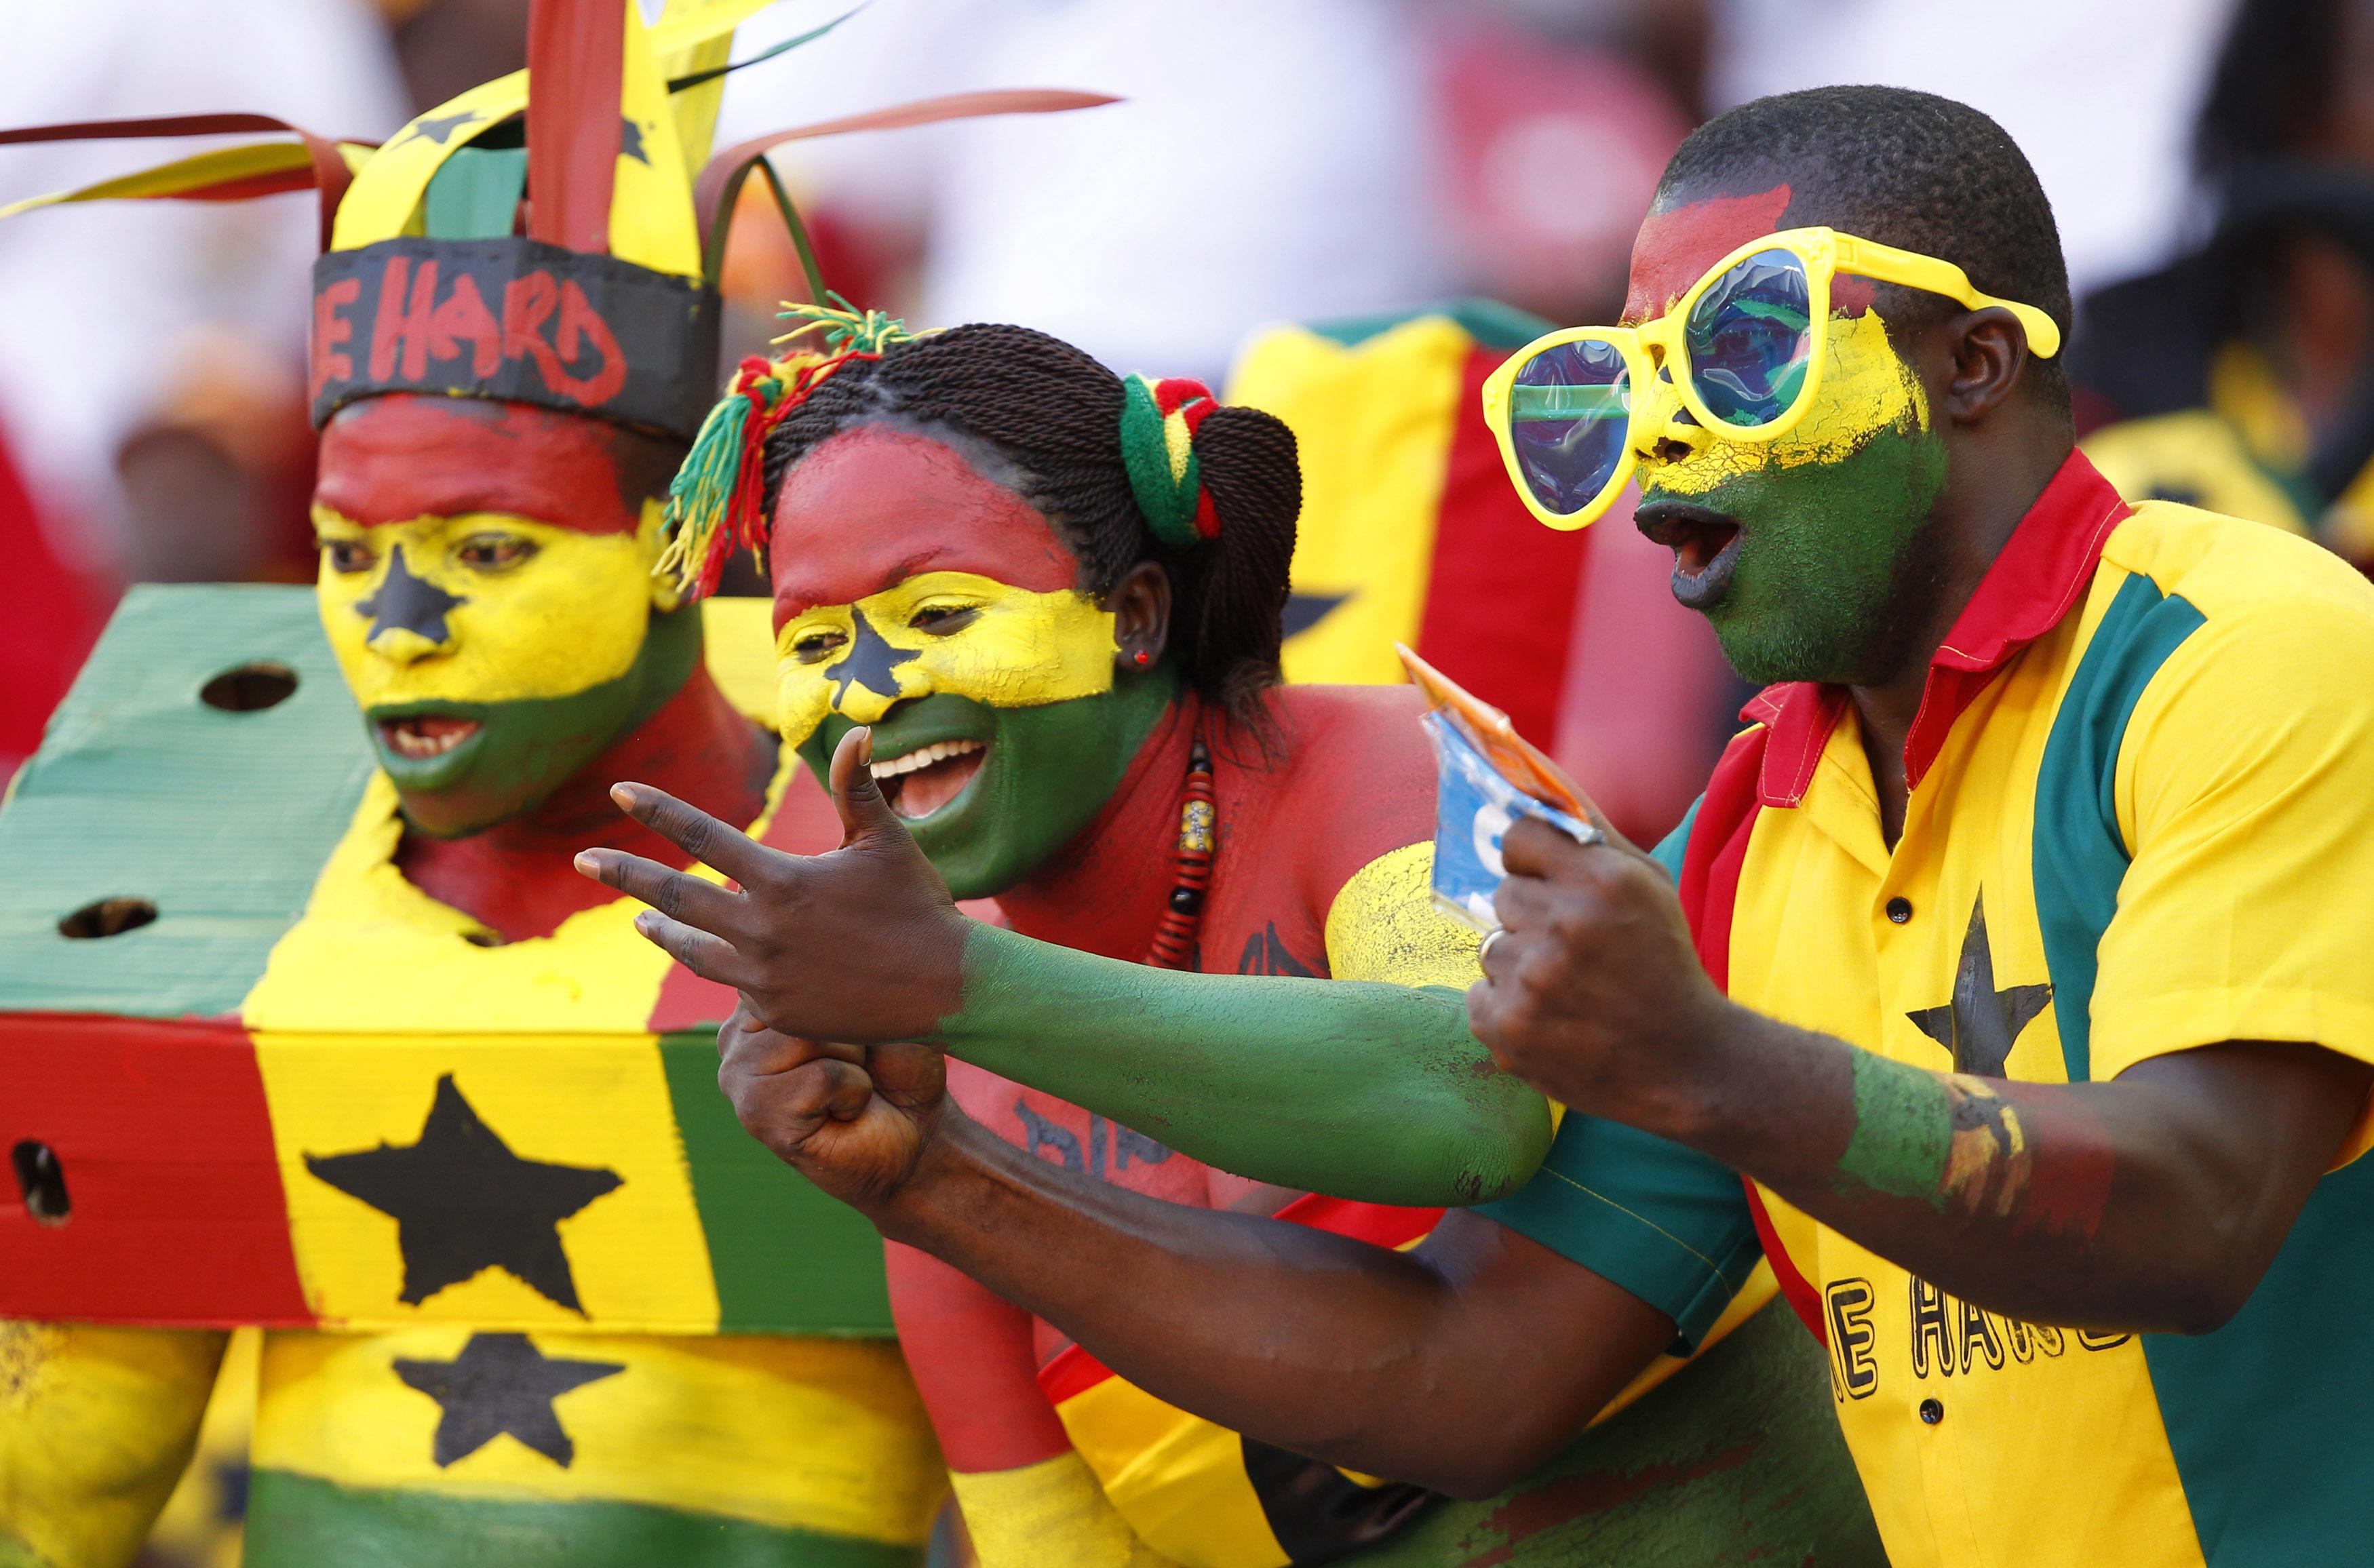 Ghana 2014 World Cup